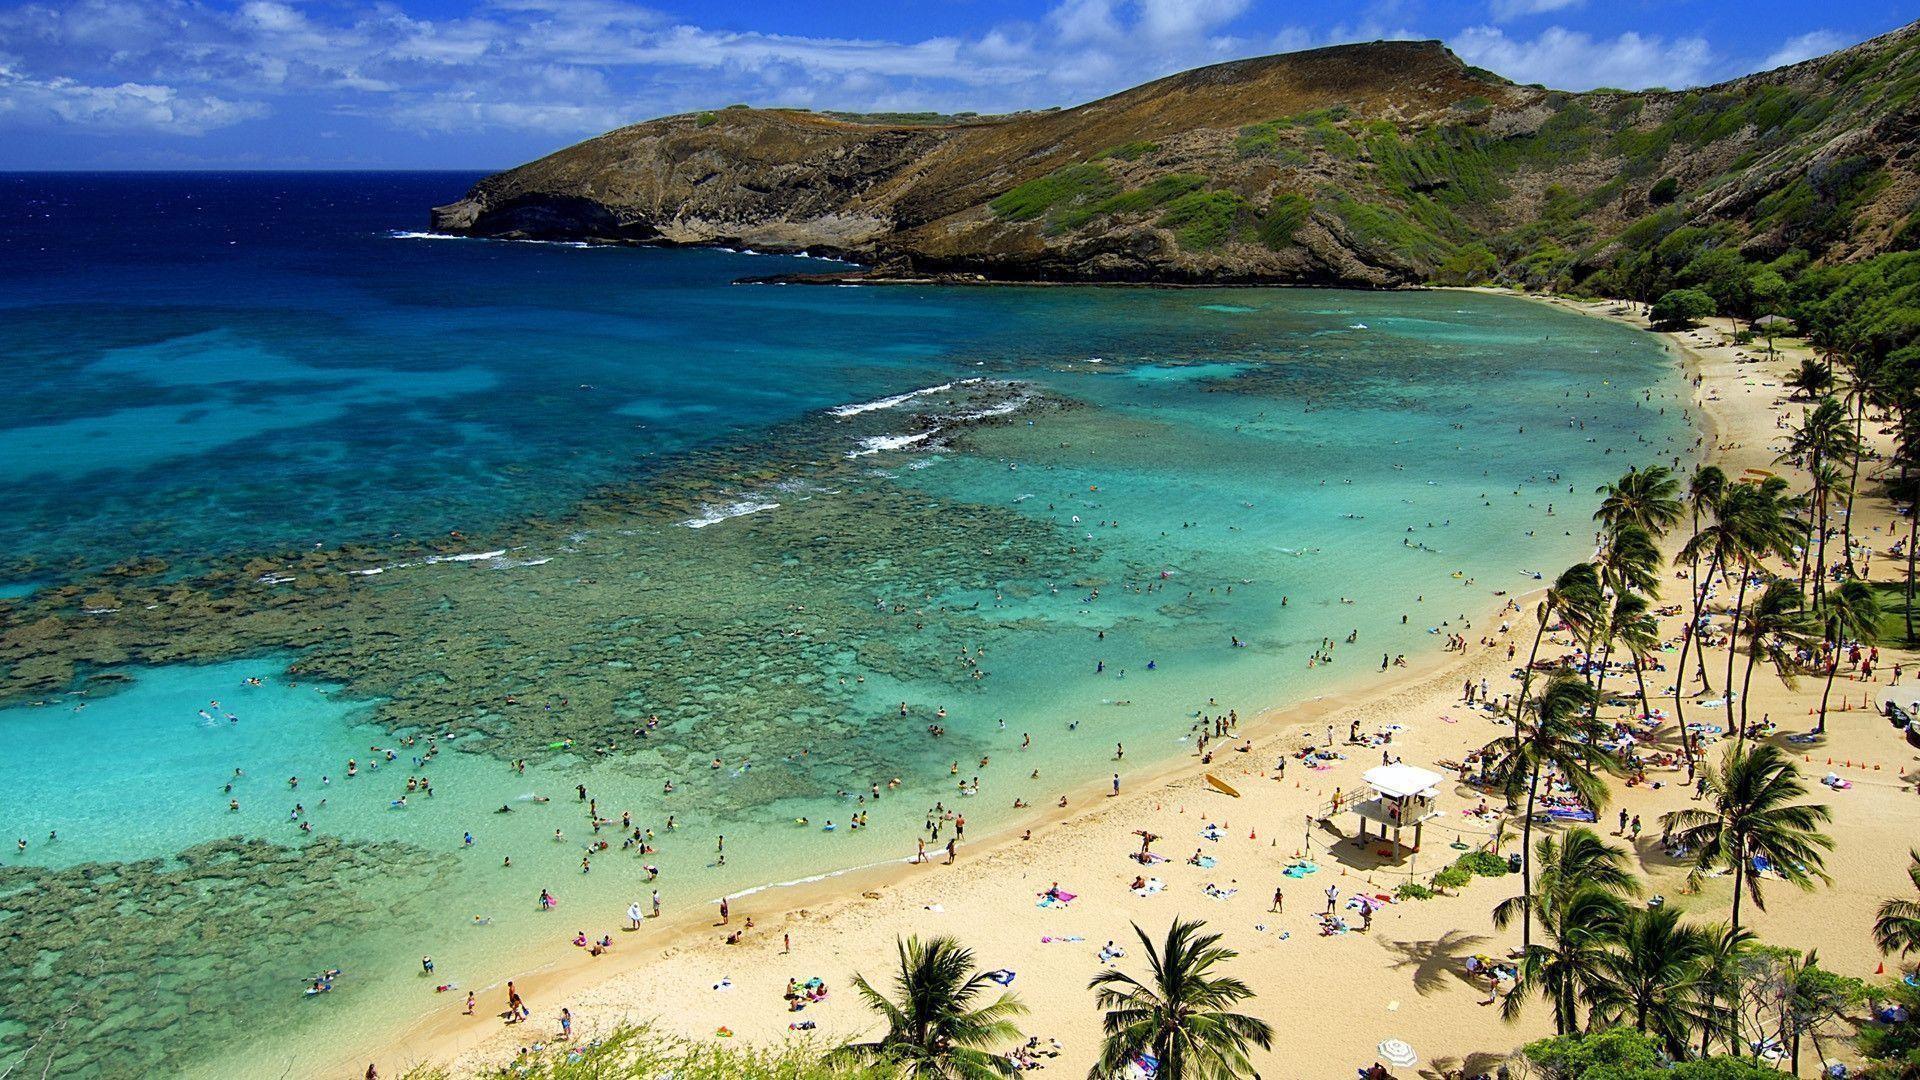 Afternoon Hawaii Beach Wallpaper Wide #13126 Wallpaper | Wallpaper .